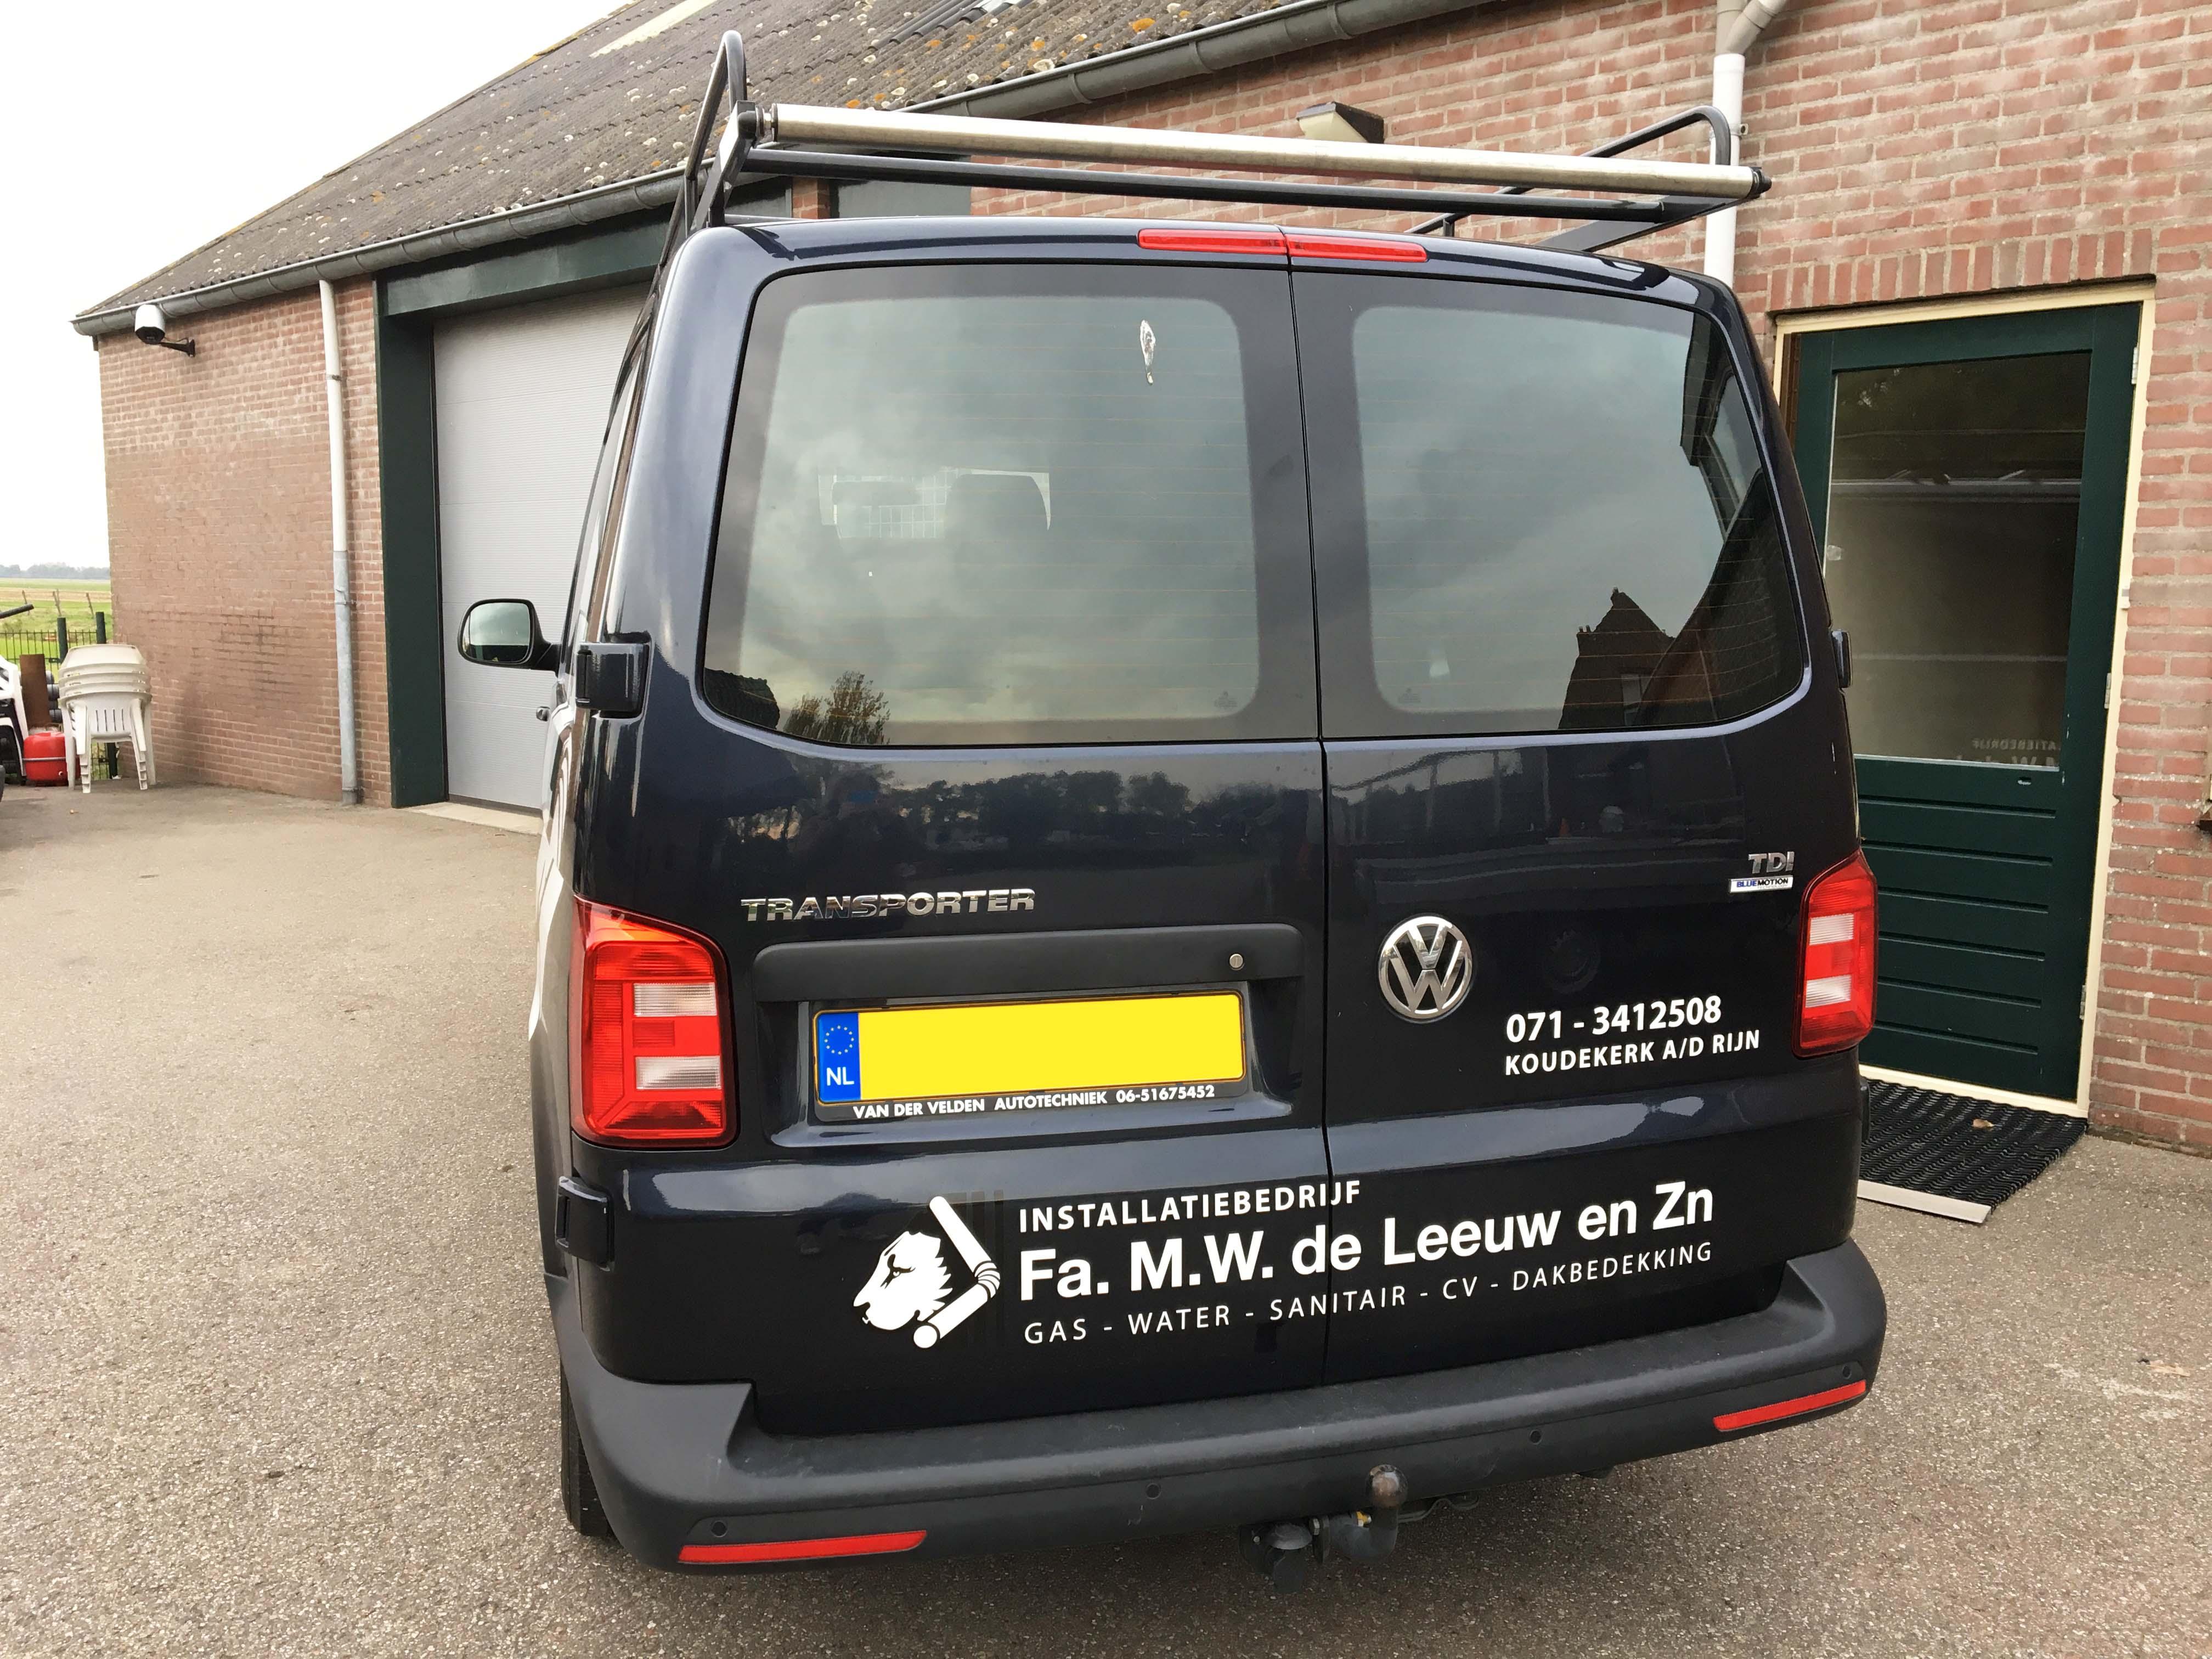 Firma M.W. de Leeuw & Zn autobelettering achterkant